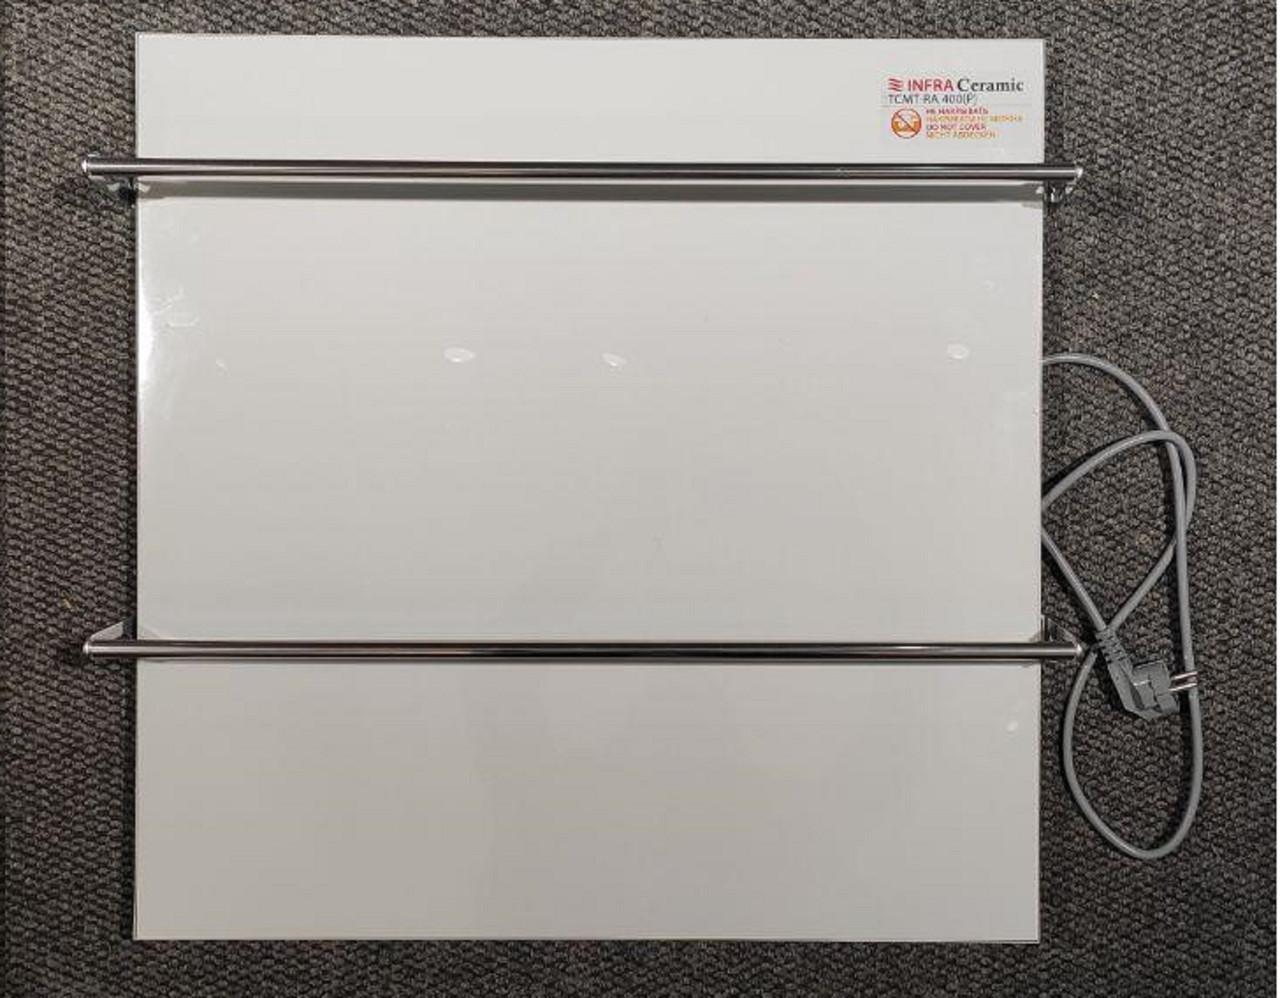 Керамическая полотенцесушитель TEPLOCERAMIC ТСМТ-RA 400 белая, (керамическая полотенцесушитель)